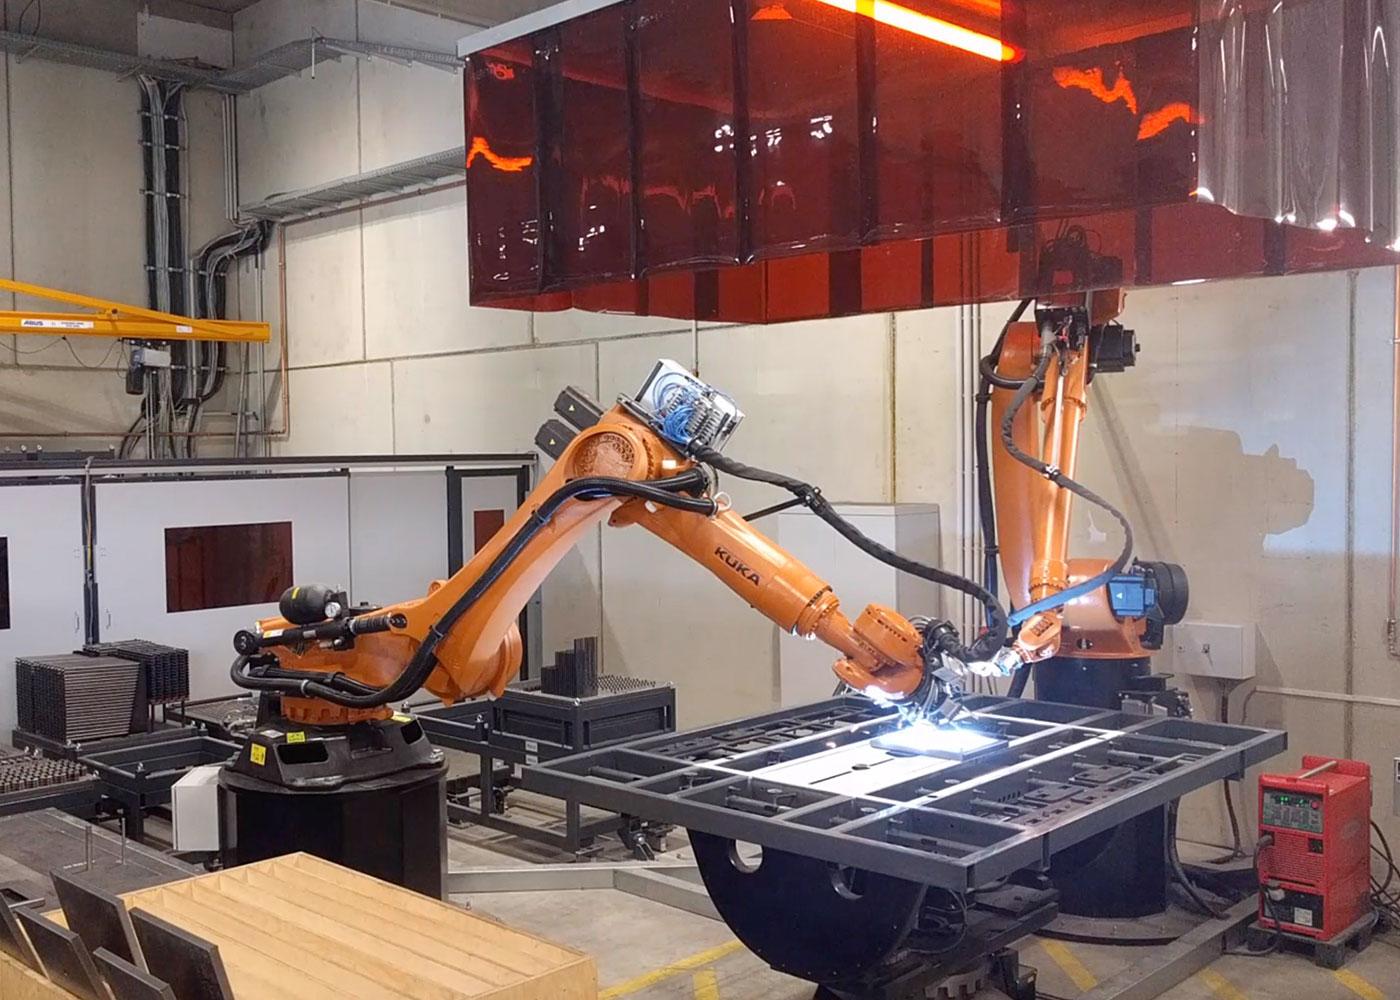 Kuka Robot For Welding And Handling Ism Technic Gmbh